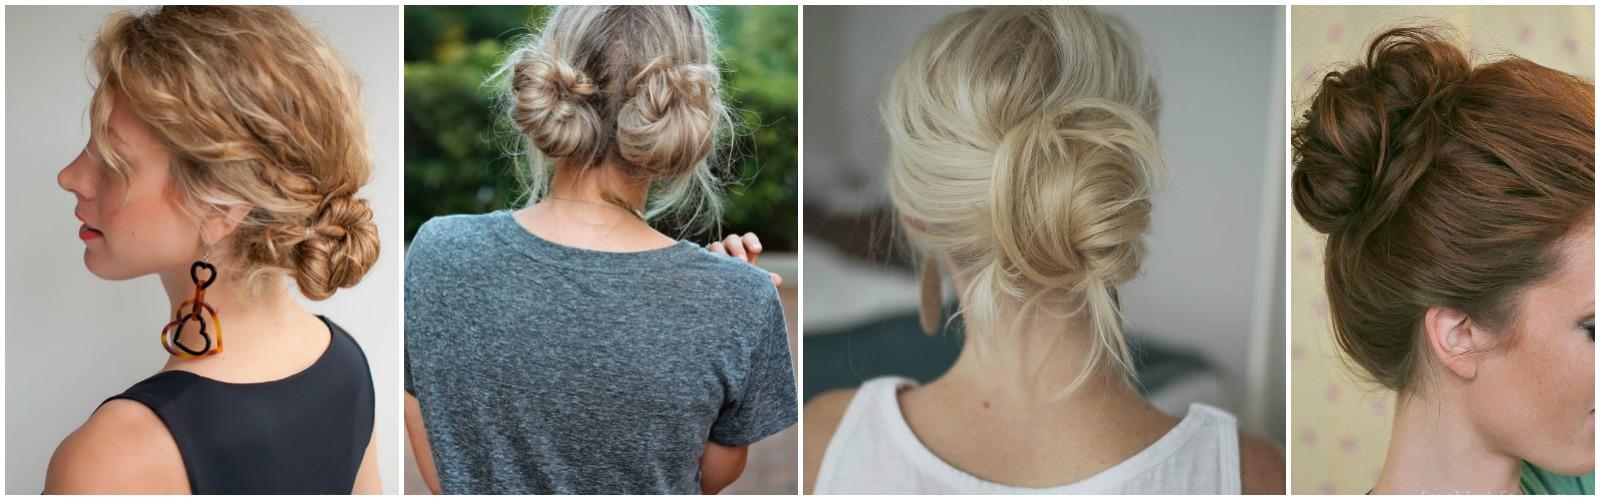 17 Best Bun Hairstyles